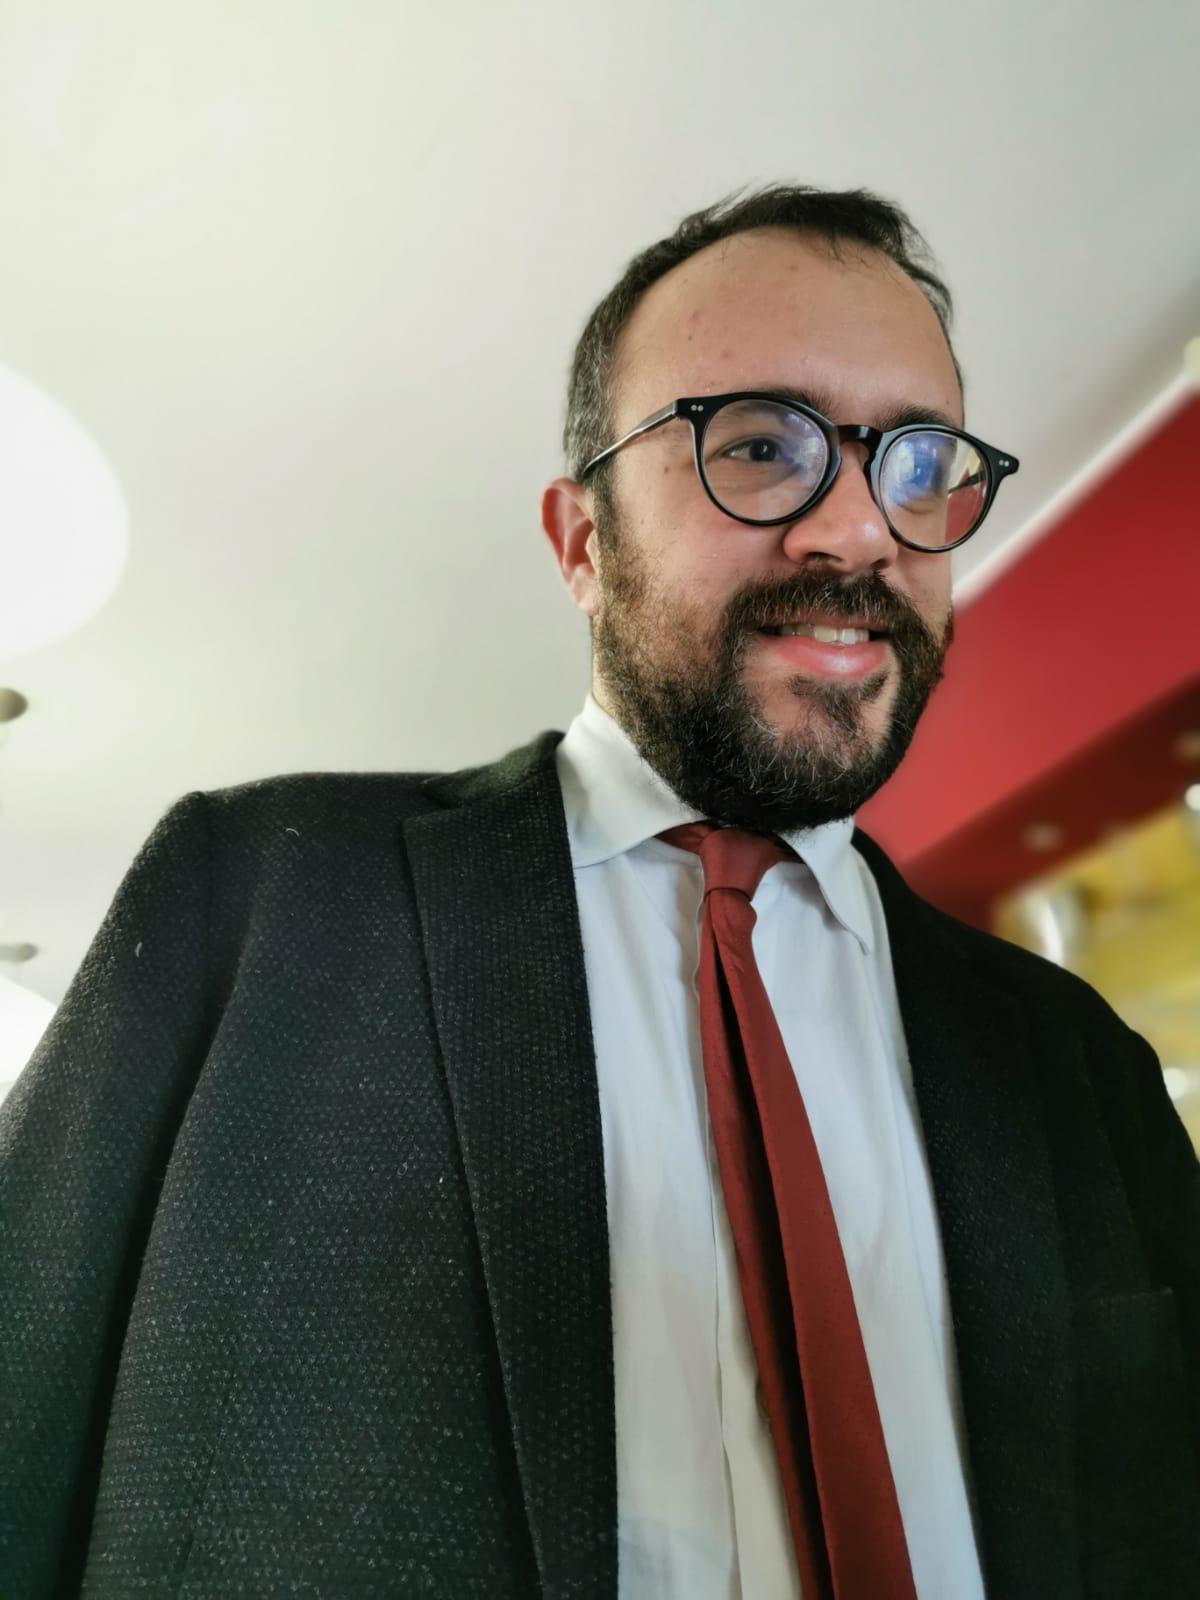 Eletto il nuovo segretario dell'Inps Fp Cgil di Enna, l'impegno di Carlo Vagginelli